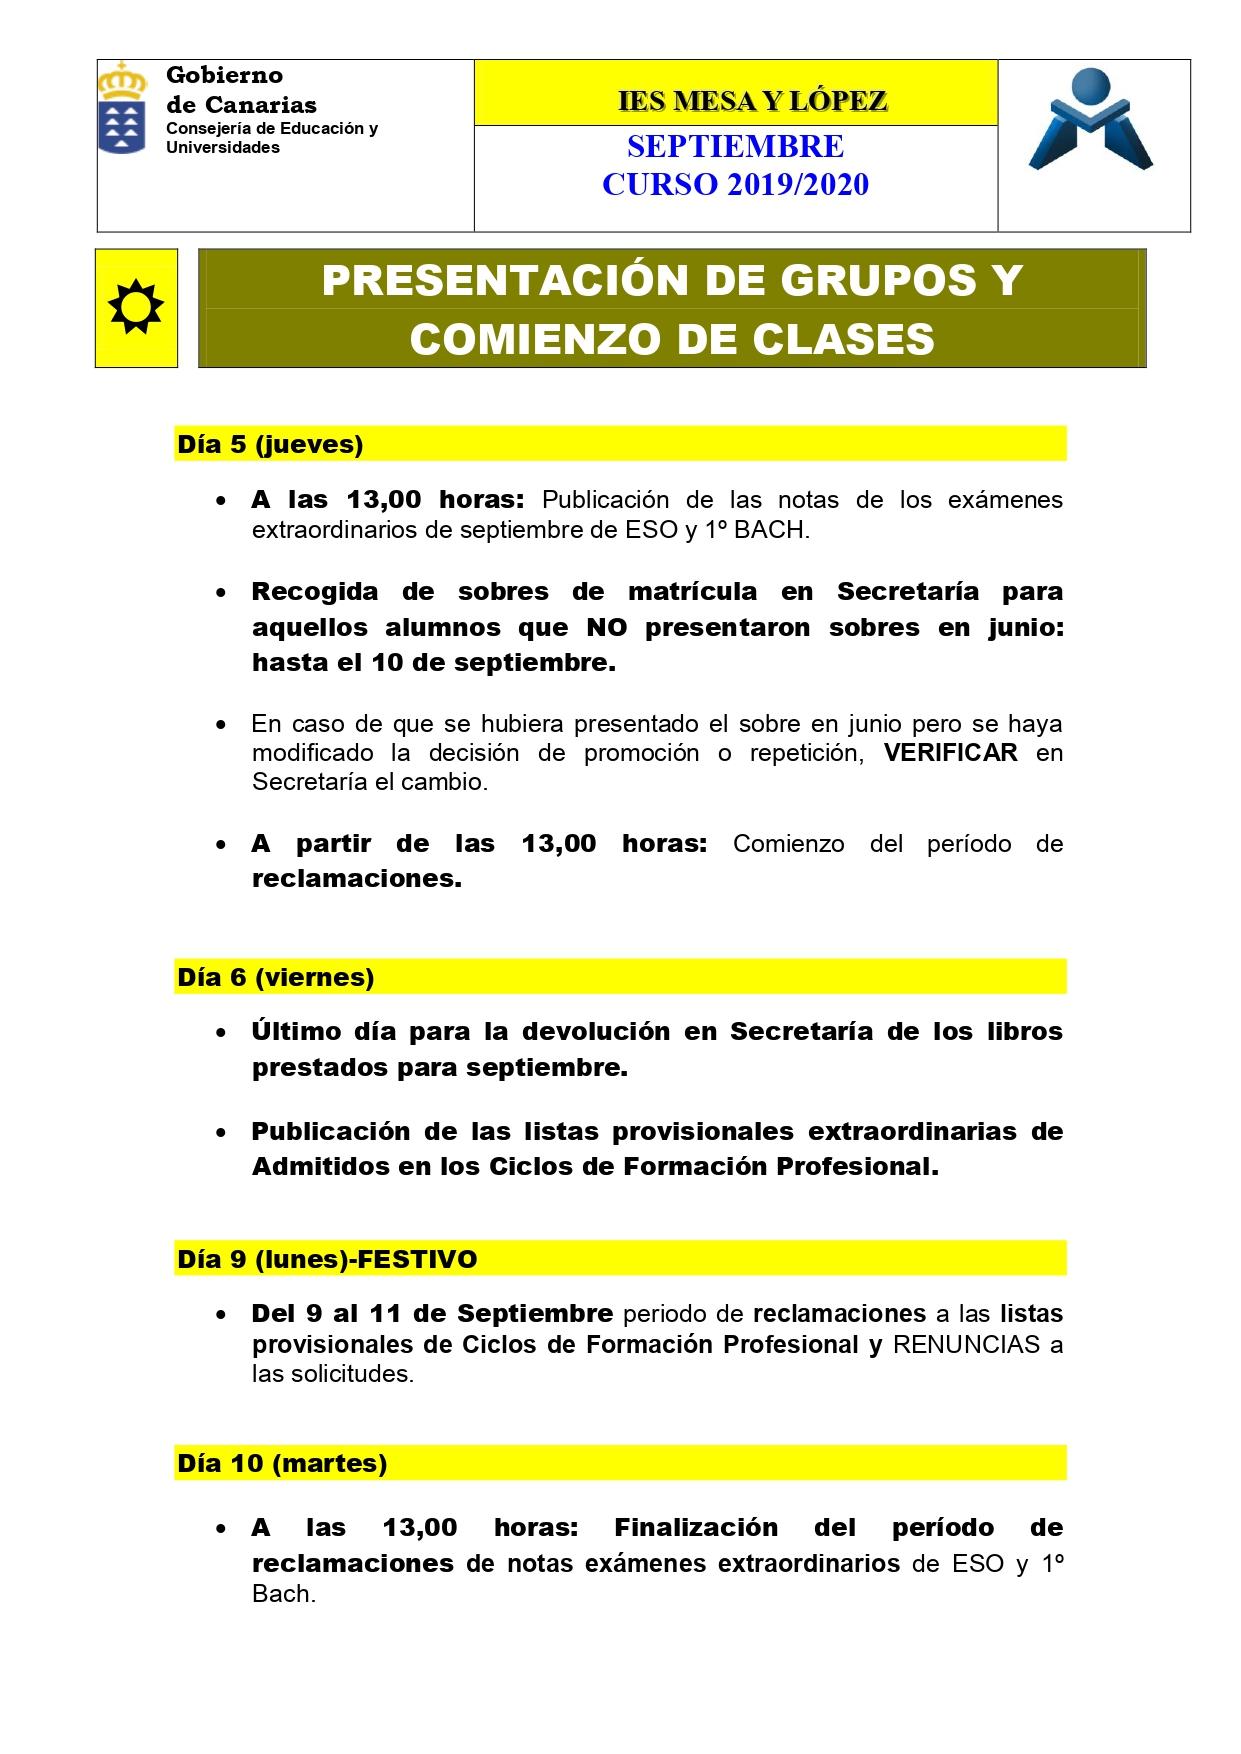 Calendario Escolar 2020 Las Palmas.Calendario Laboral 2020 Las Palmas De Gran Canaria